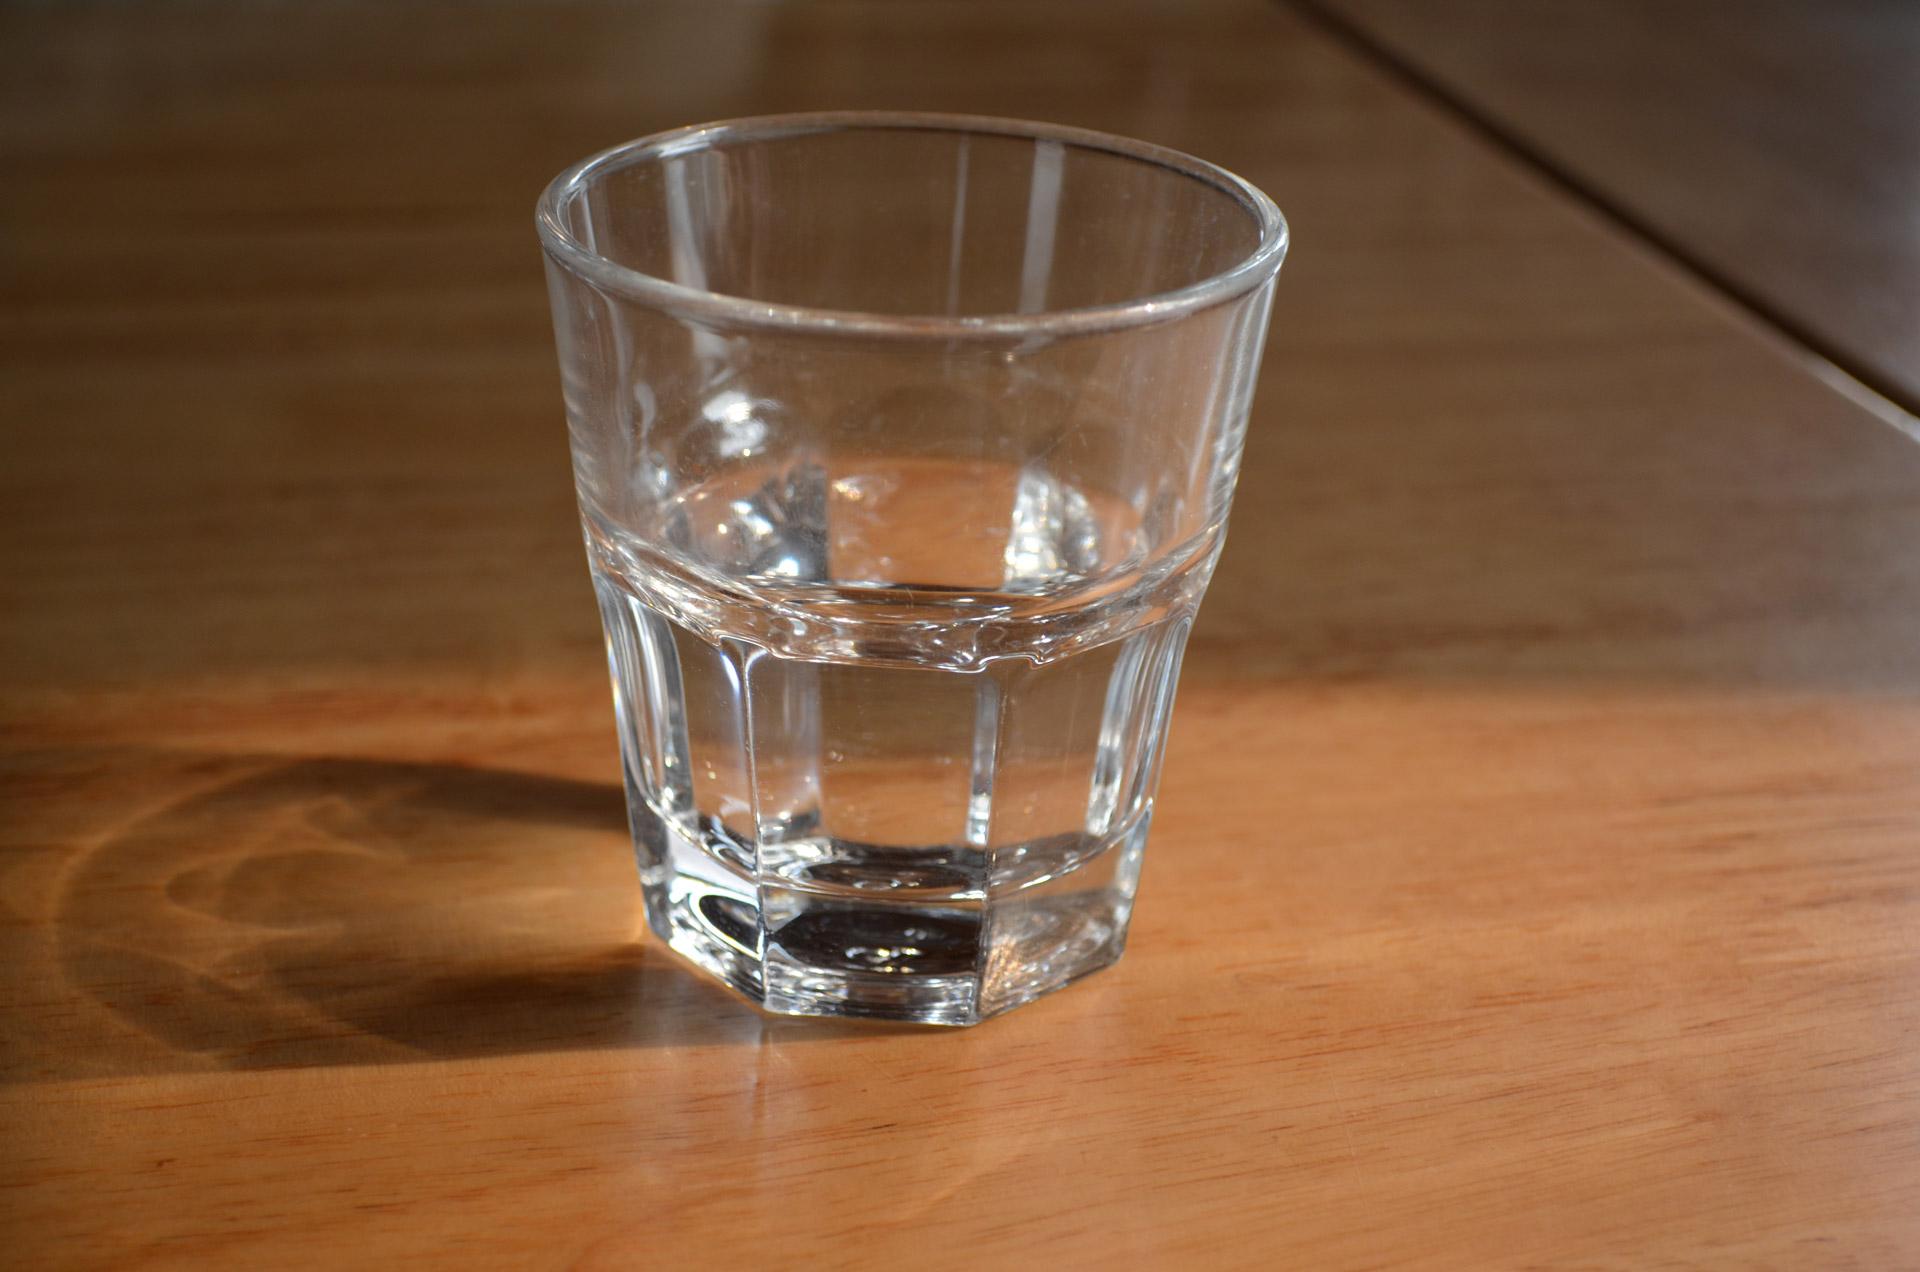 как сделать фильтр для воды своими руками и что для этого нужно